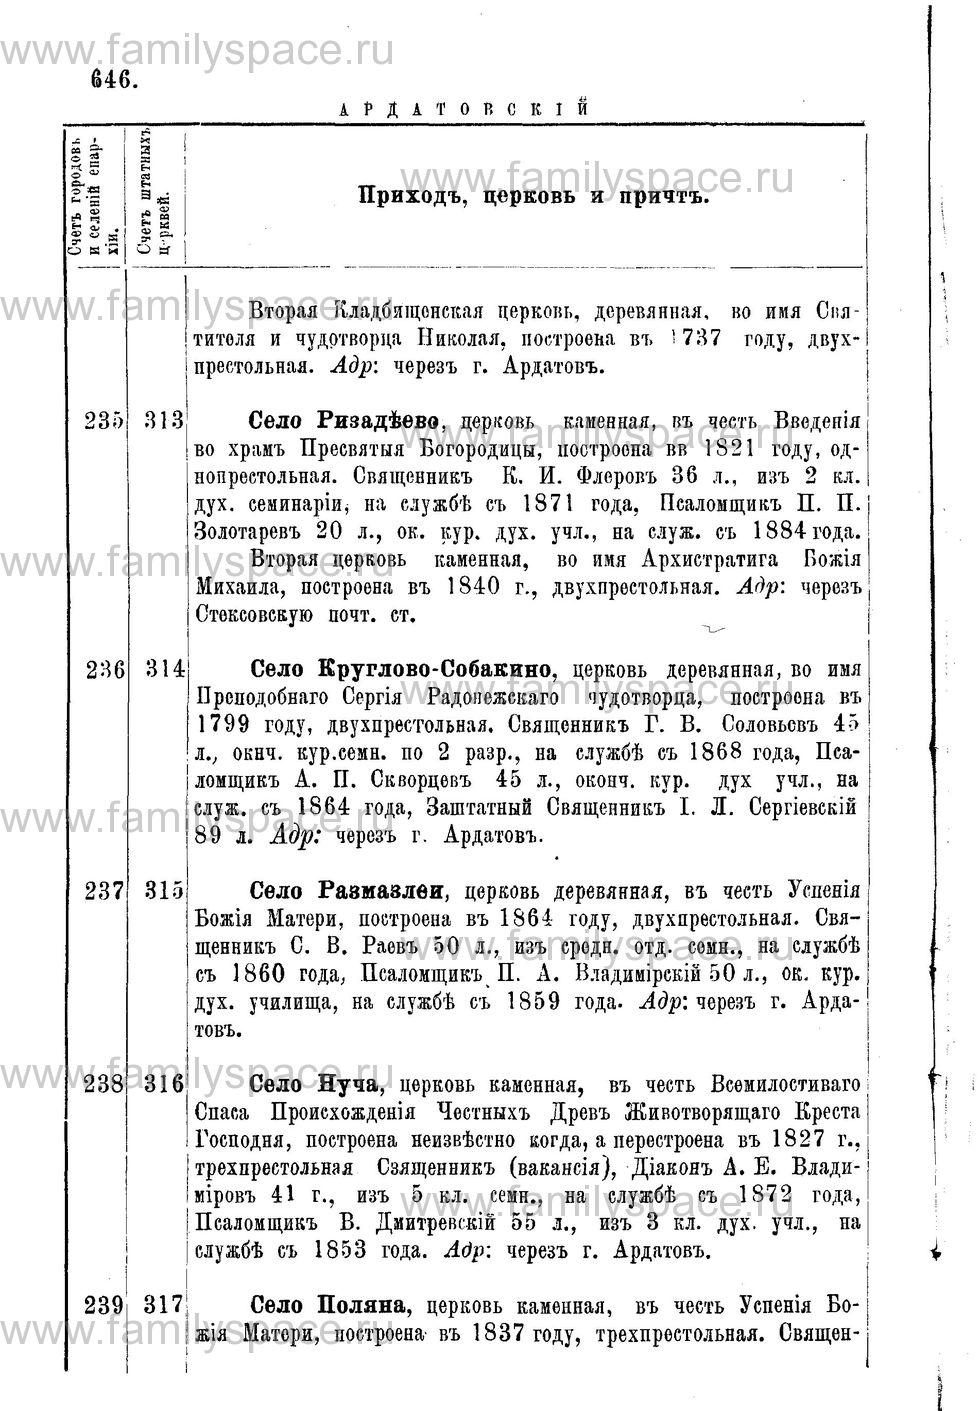 Поиск по фамилии - Адрес-календарь Нижегородской епархии на 1888 год, страница 1646